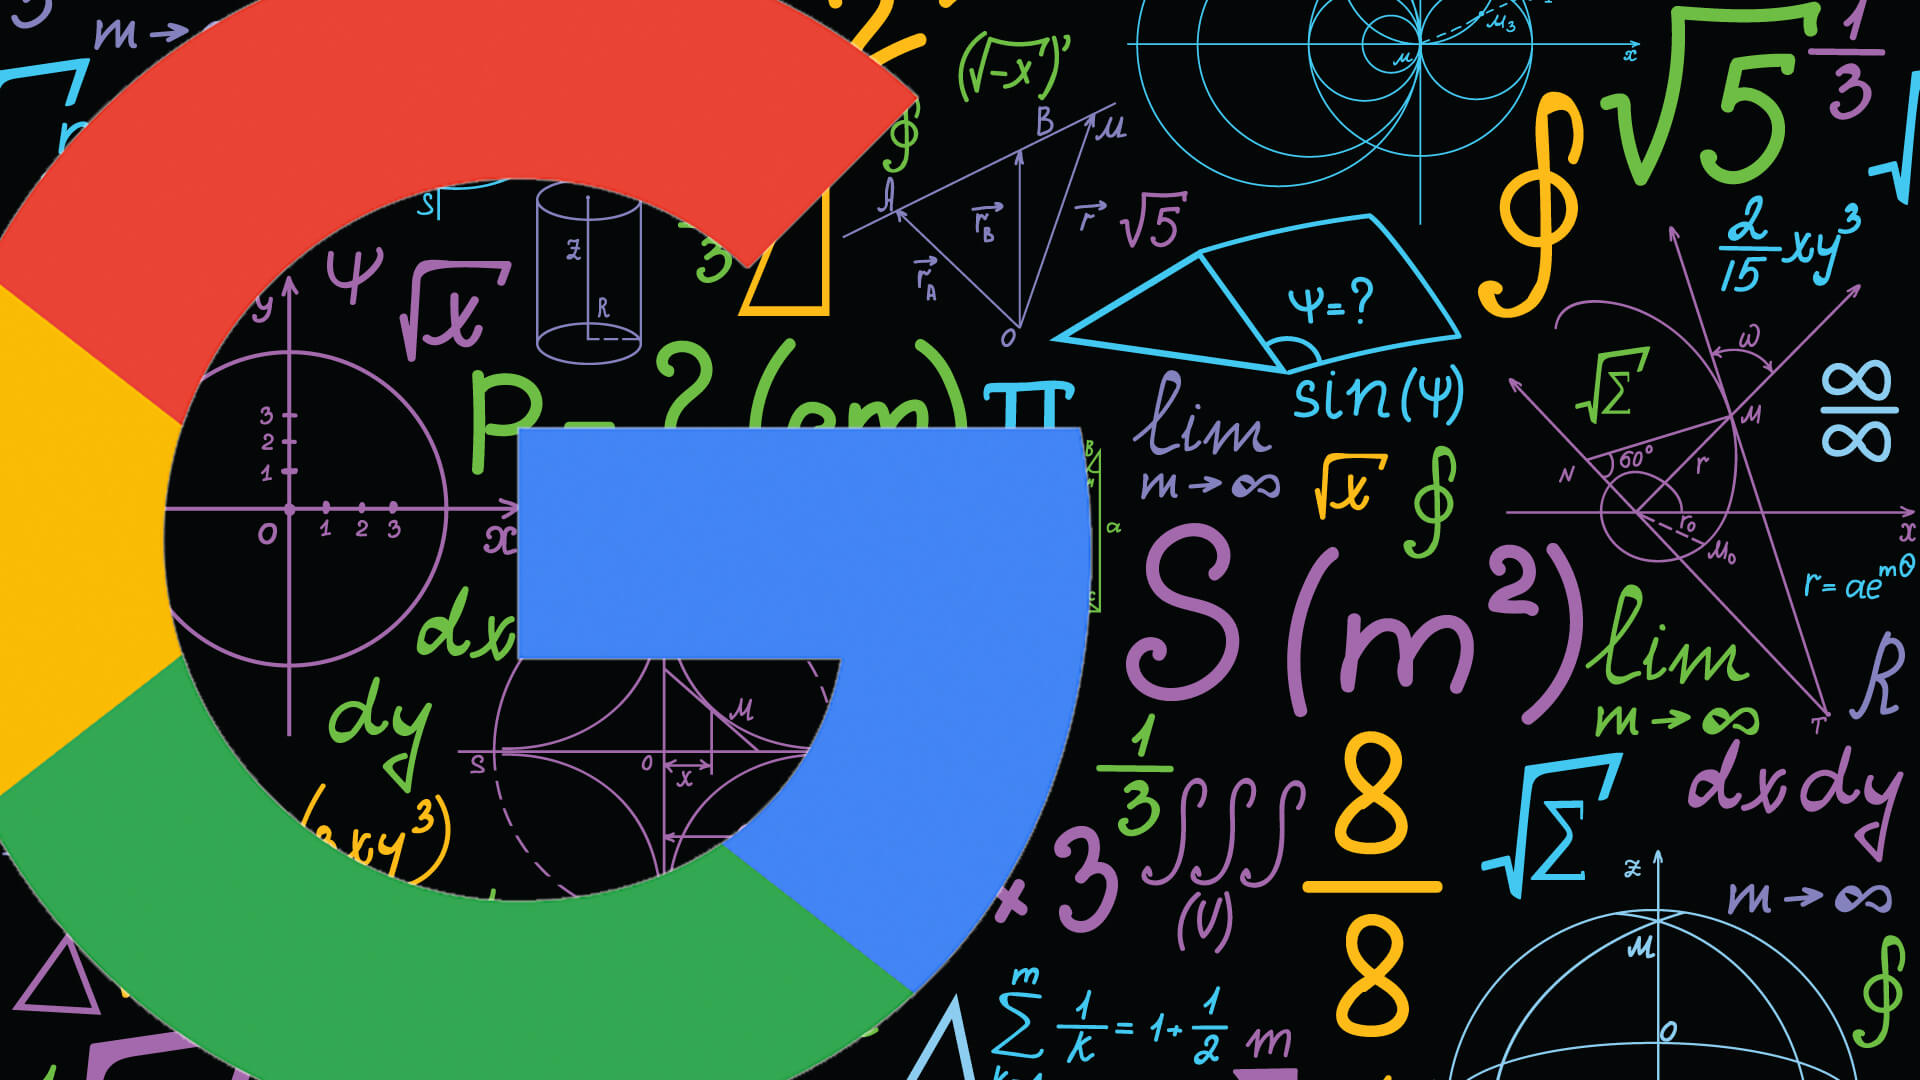 Posizionamento SEO e Google: cosa è cambiato per il tuo sito